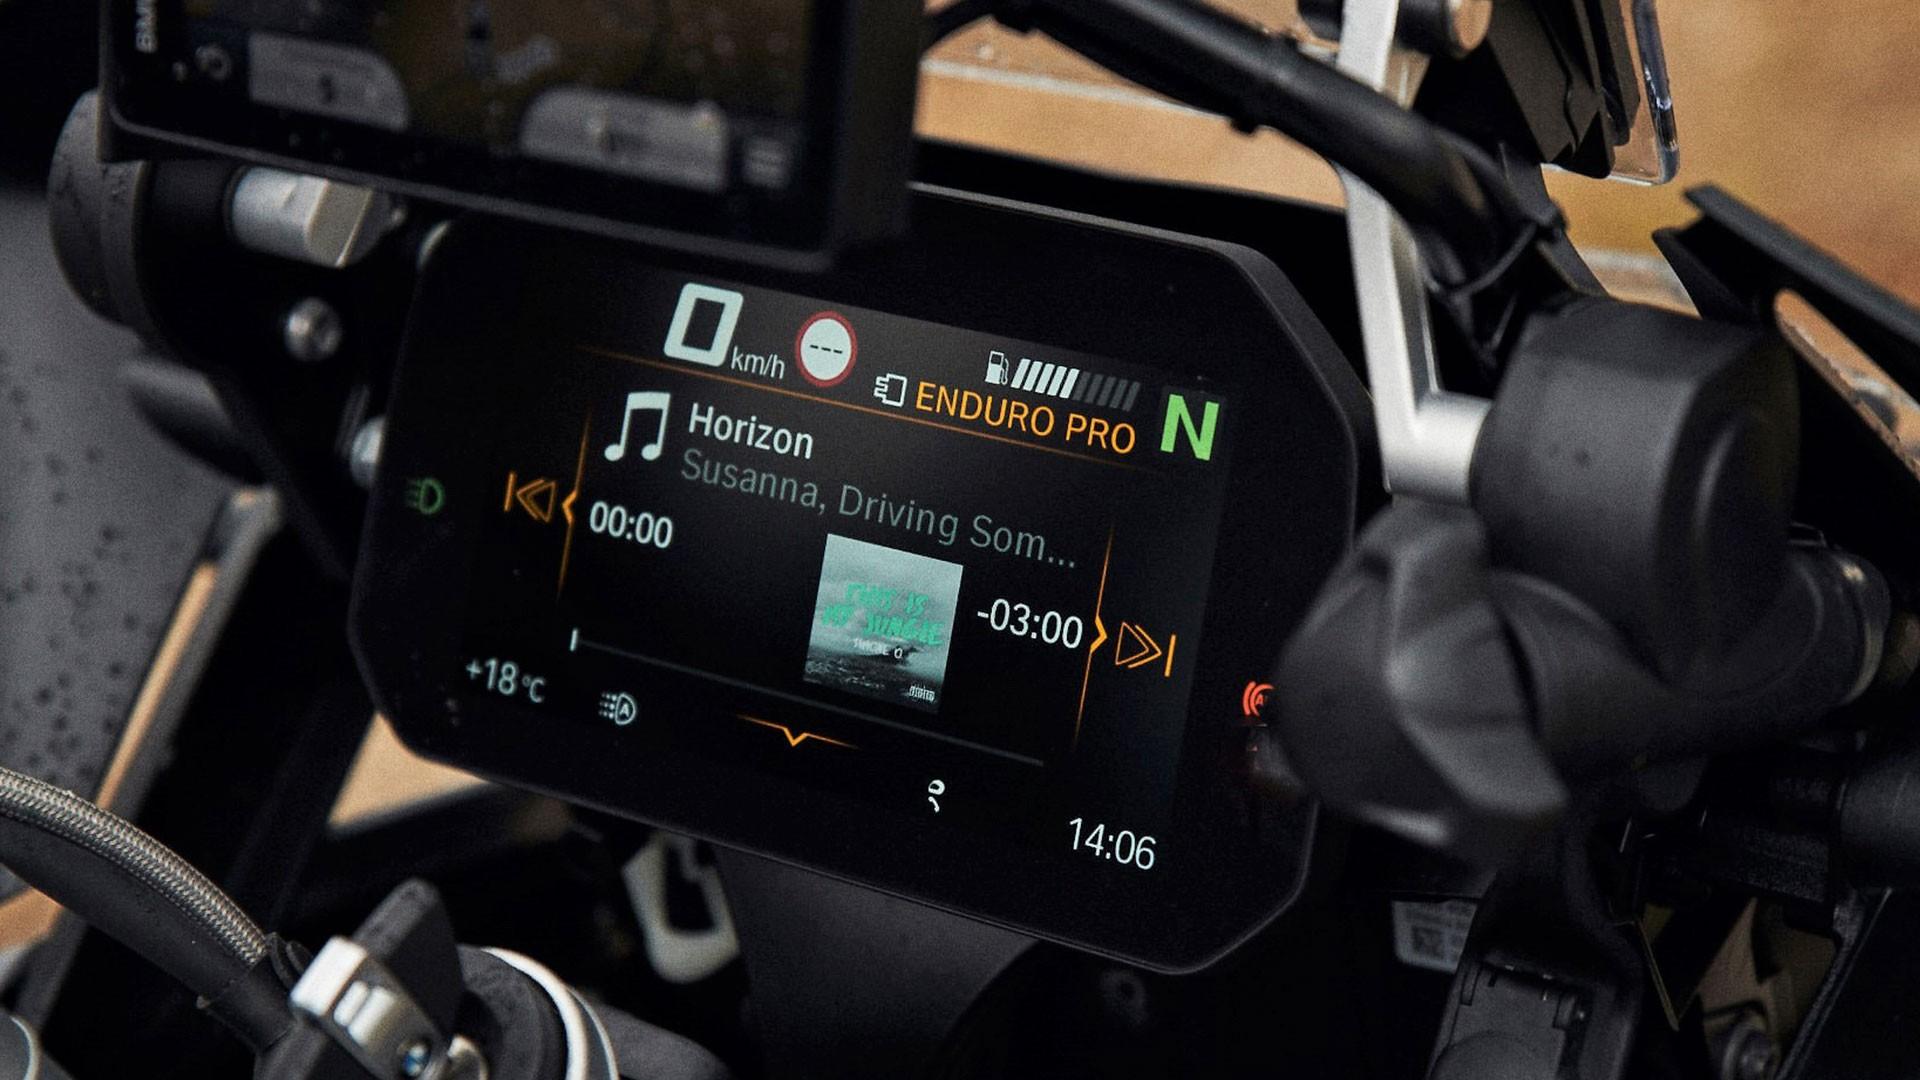 Приладова панель Connectivity з кольоровим дисплеєм високого дозволу.